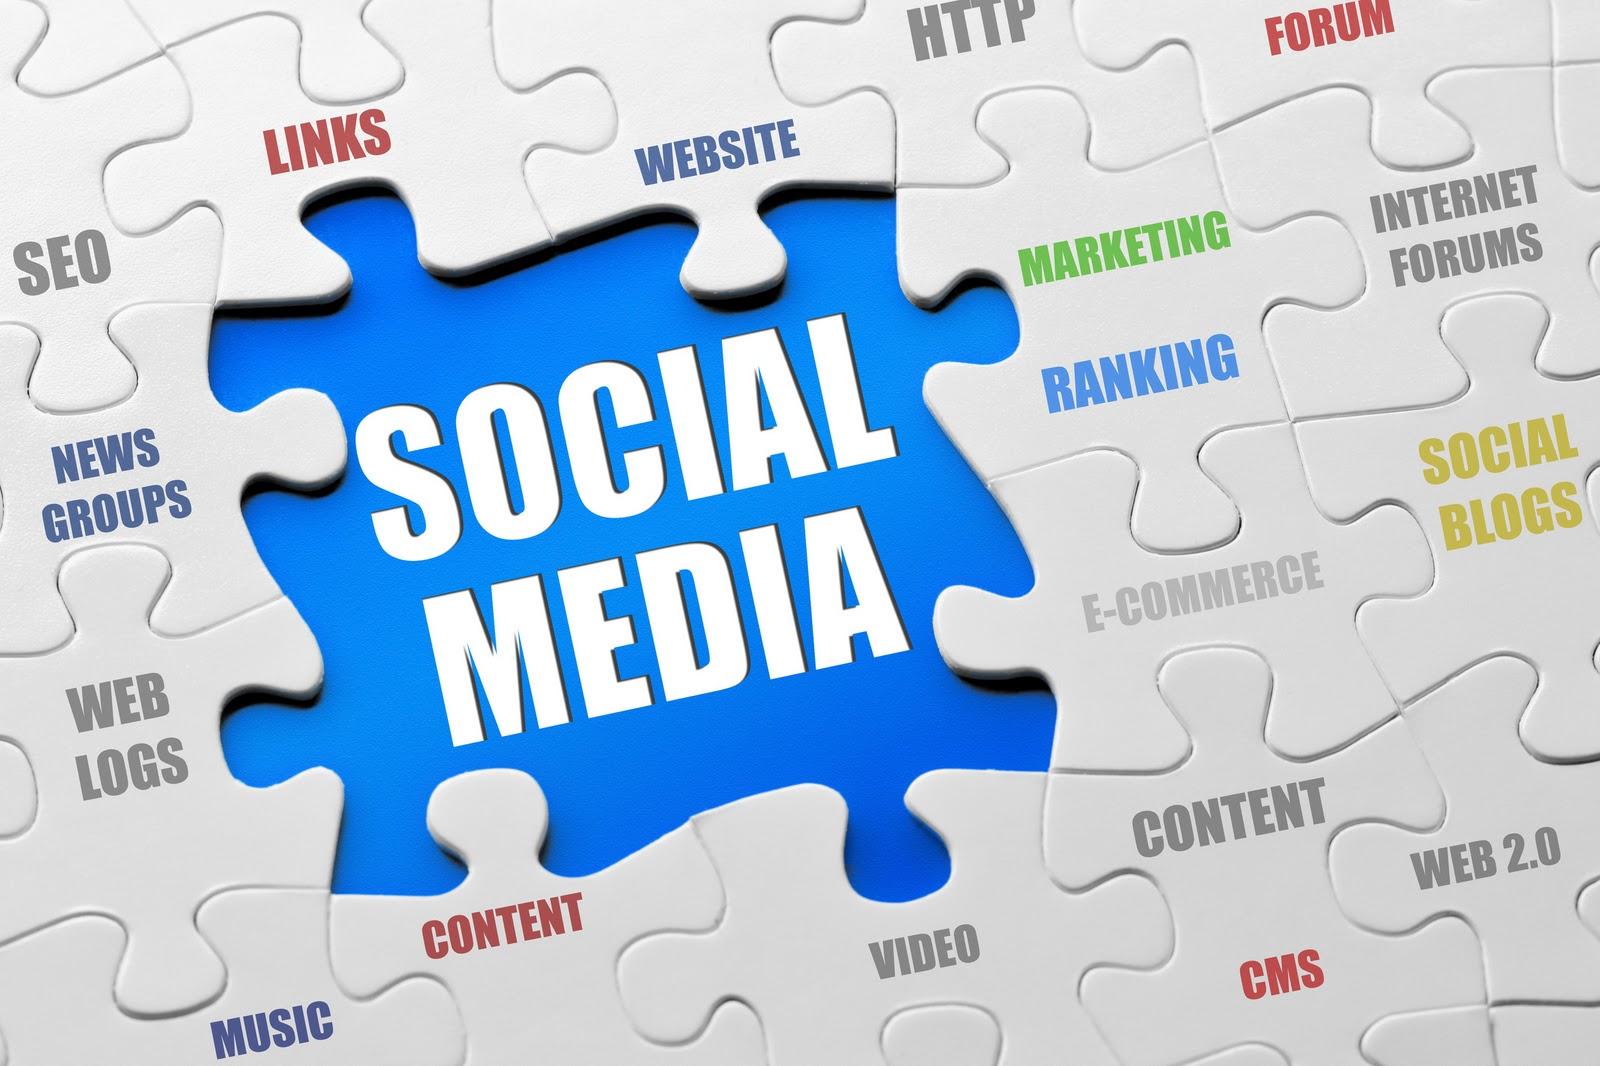 Social media automatisch berichten plaatsen op Facebook, Twitter en Google+